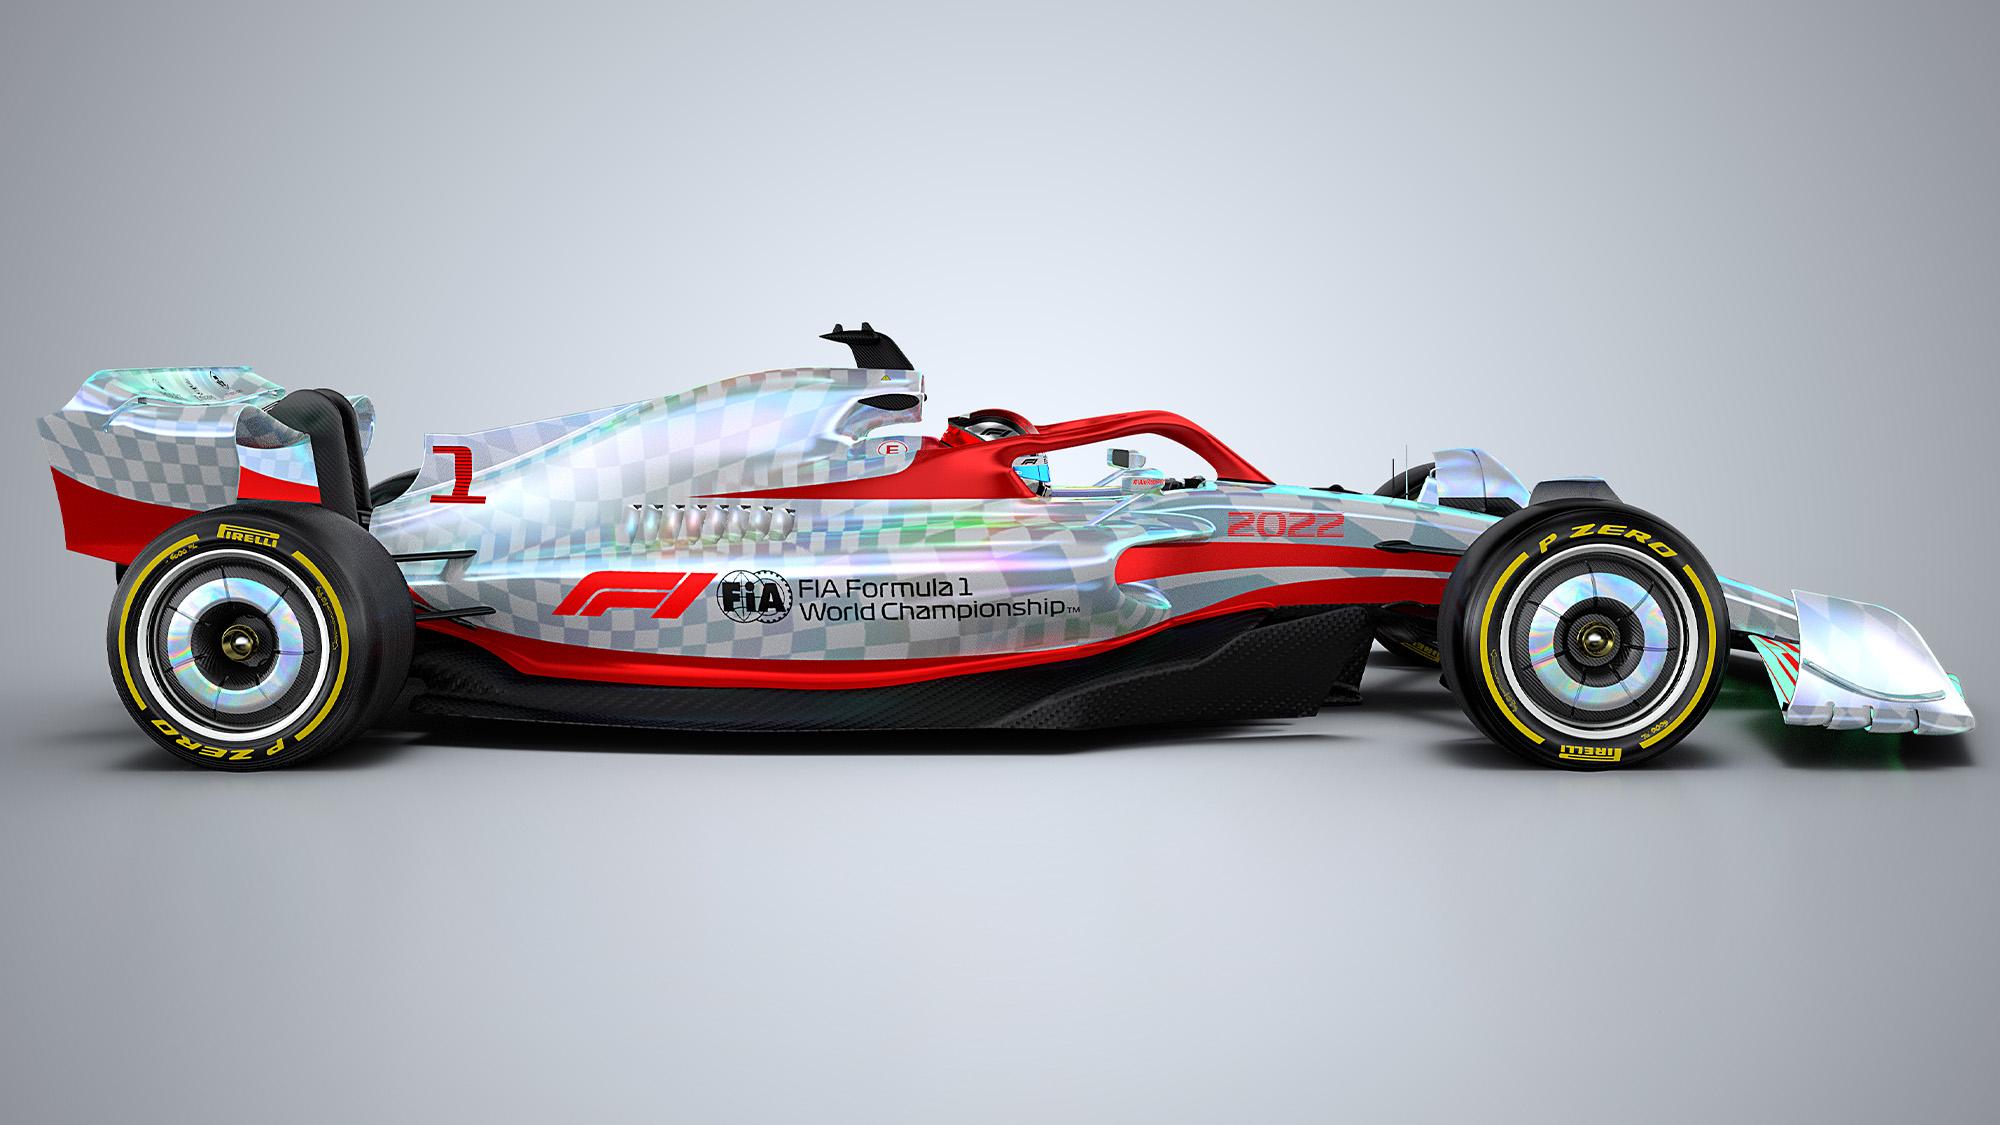 F1 2022 car render side